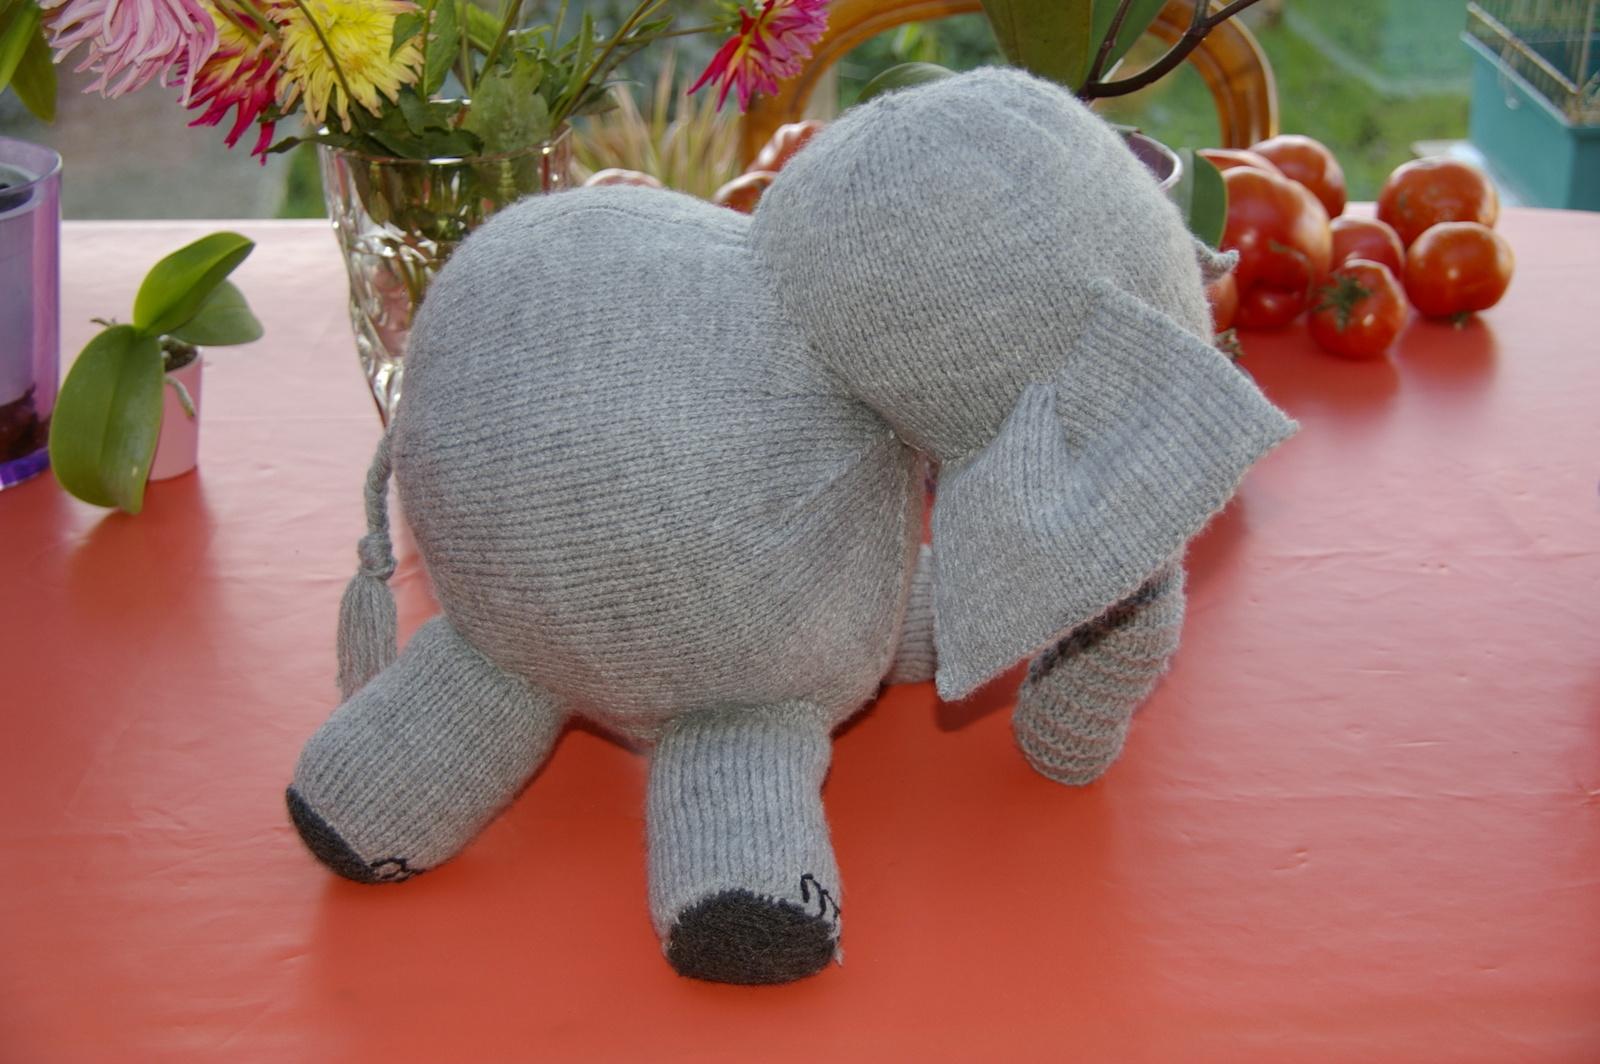 Notre éléphant de profil.